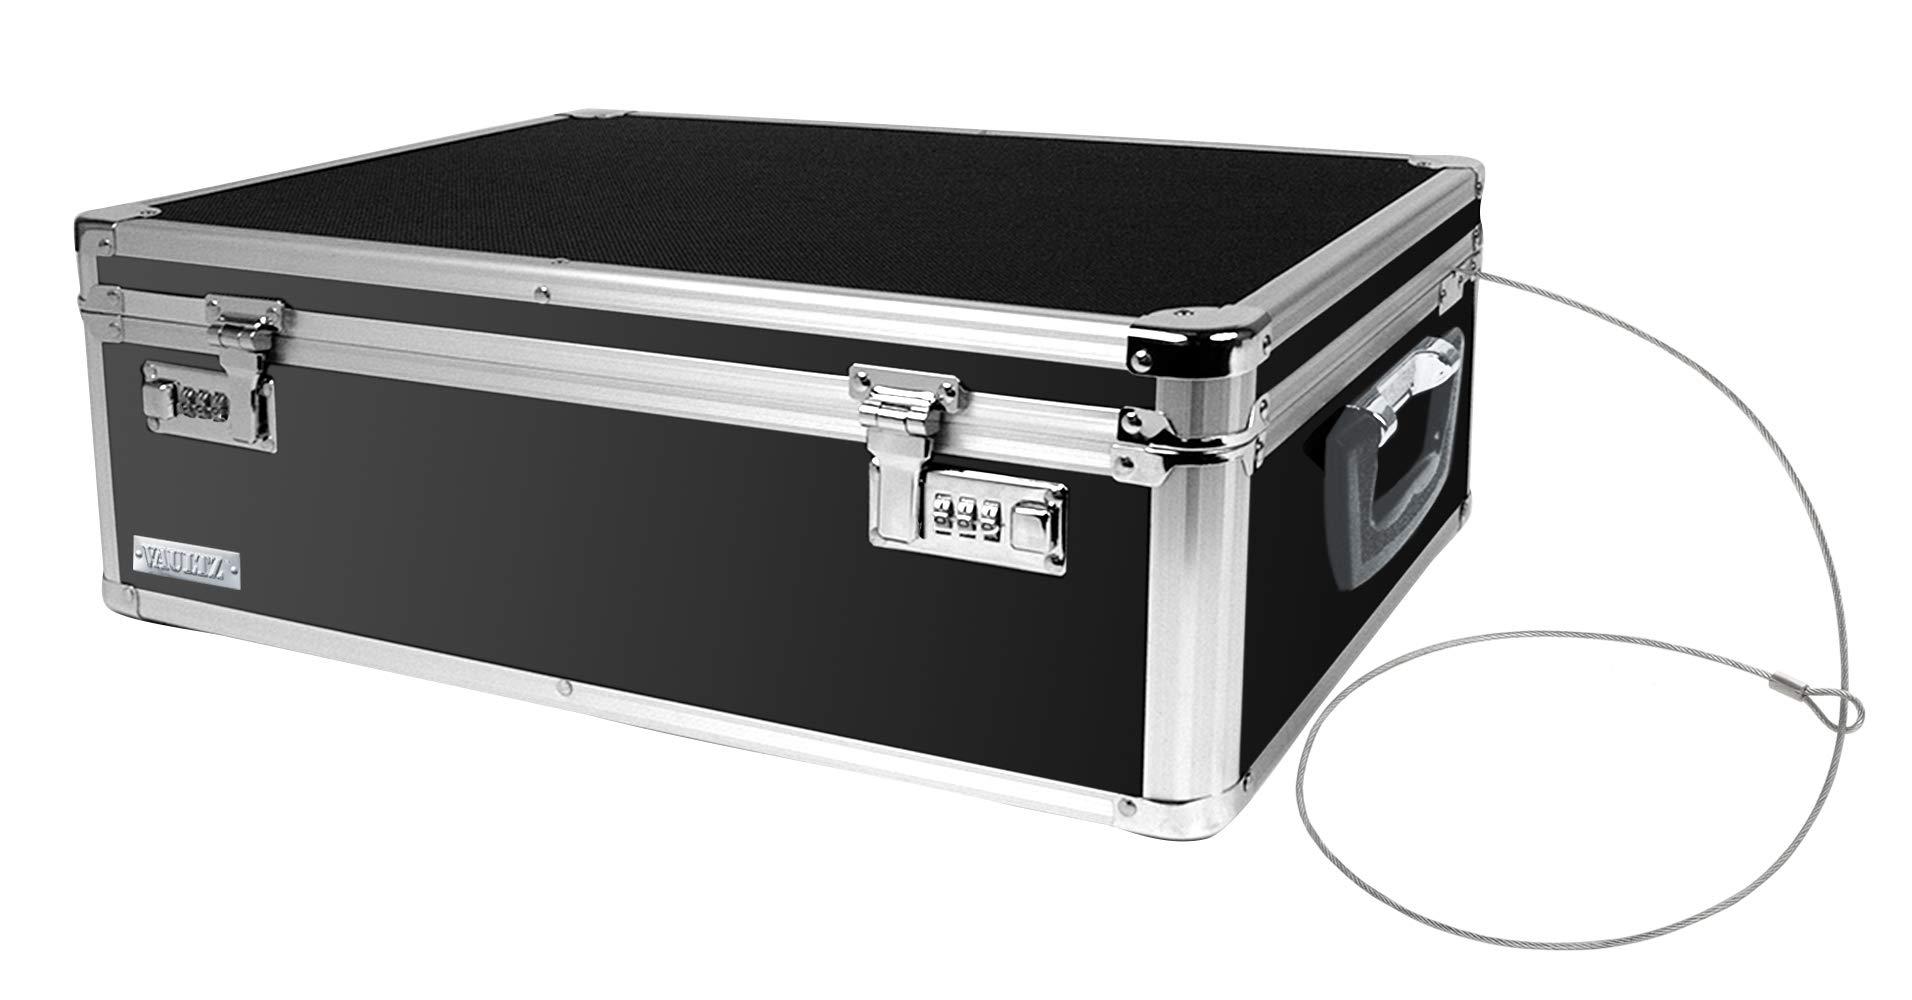 Vaultz Locking Storage Box, 6.5 x 19 x 13.5 Inches, Black (VZ00642) by Vaultz